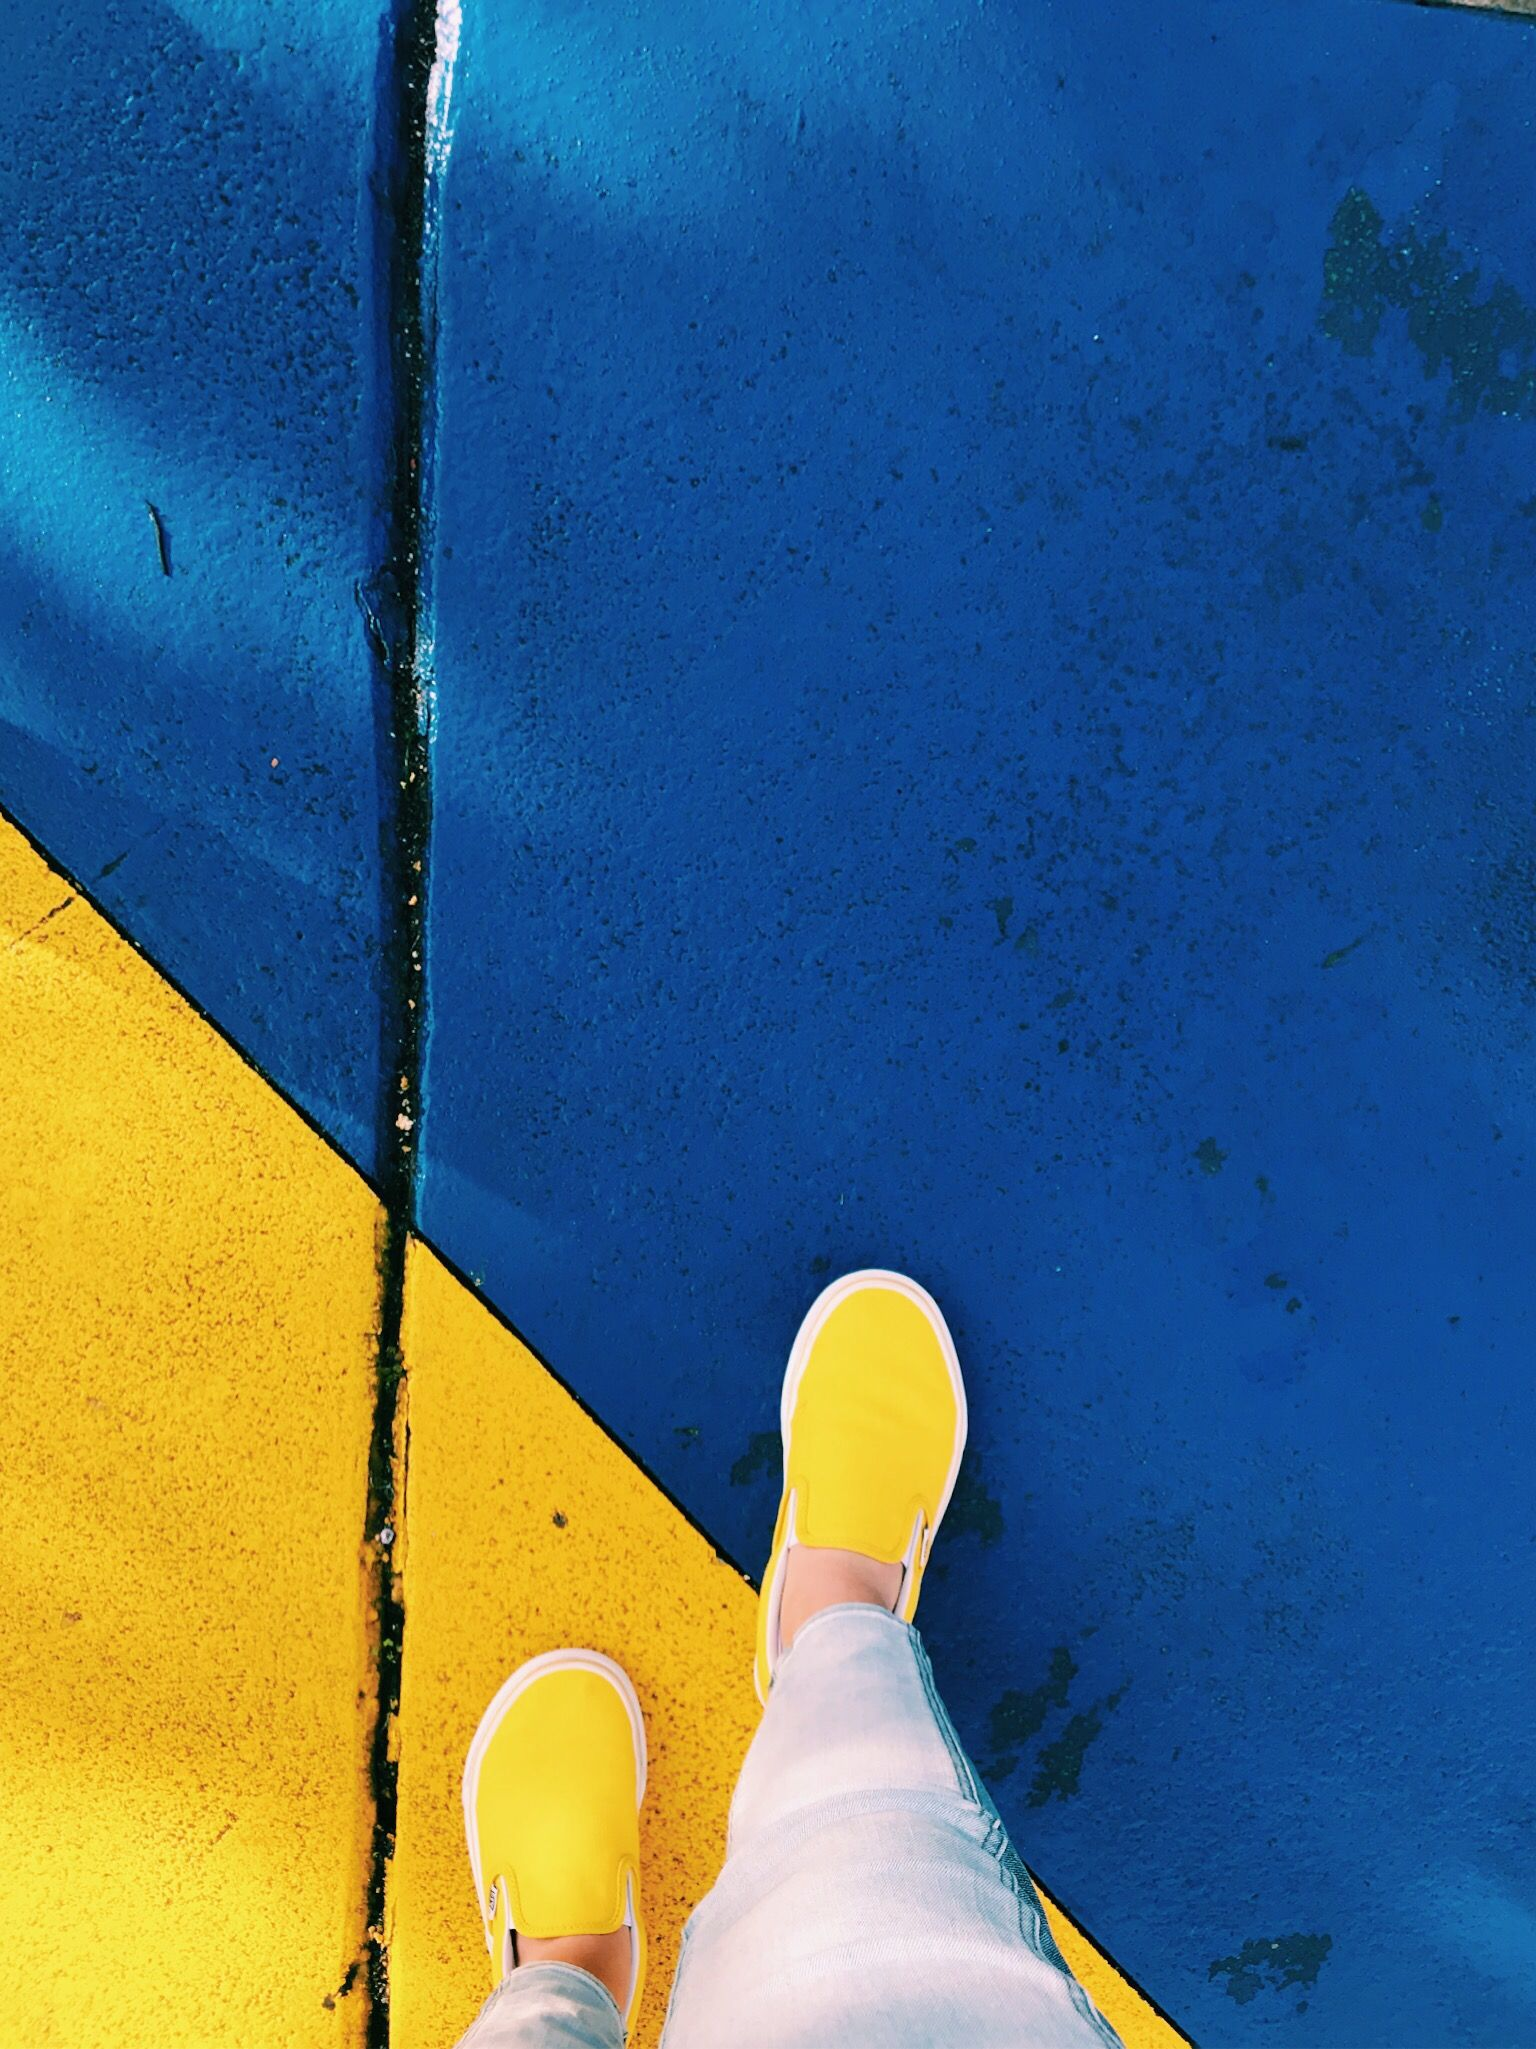 d10abdf0bf98 Custom yellow vans vsco vans yellow vans shoes jpg 1536x2049 Yellow vans  shoes fruit